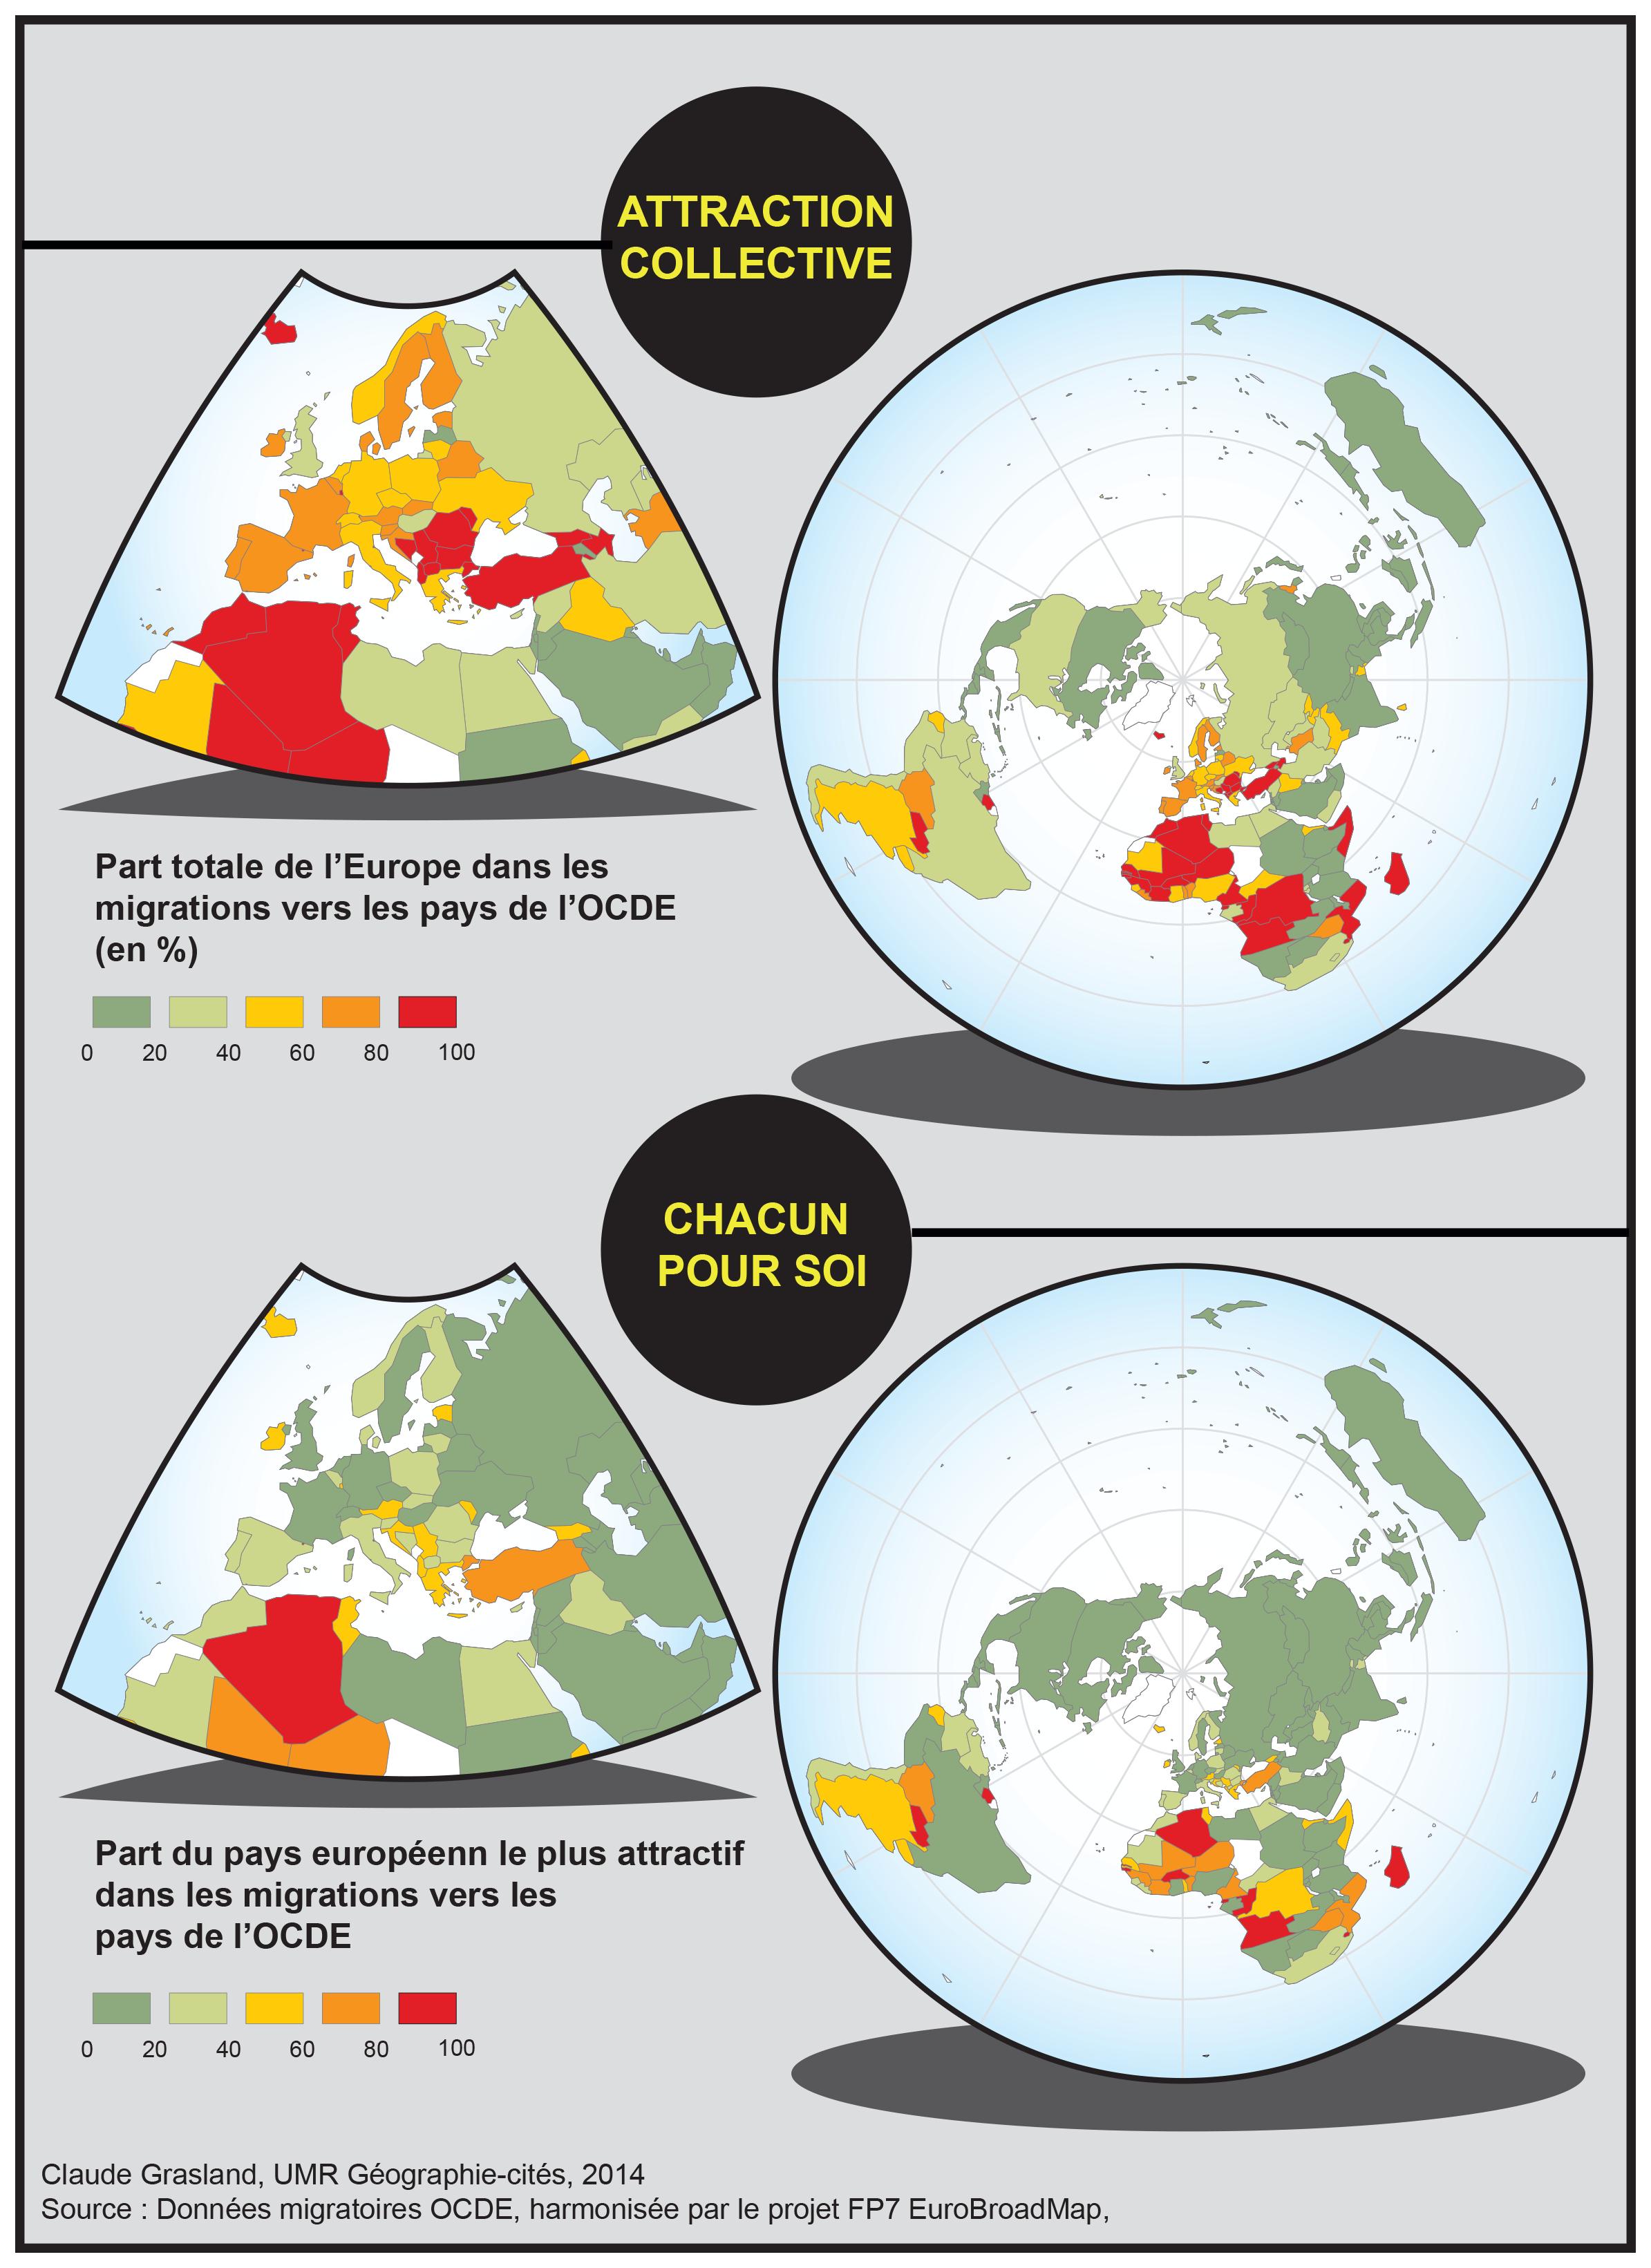 L'attractivité migratoire de l'Europe à la veille de la crise économique de 2008